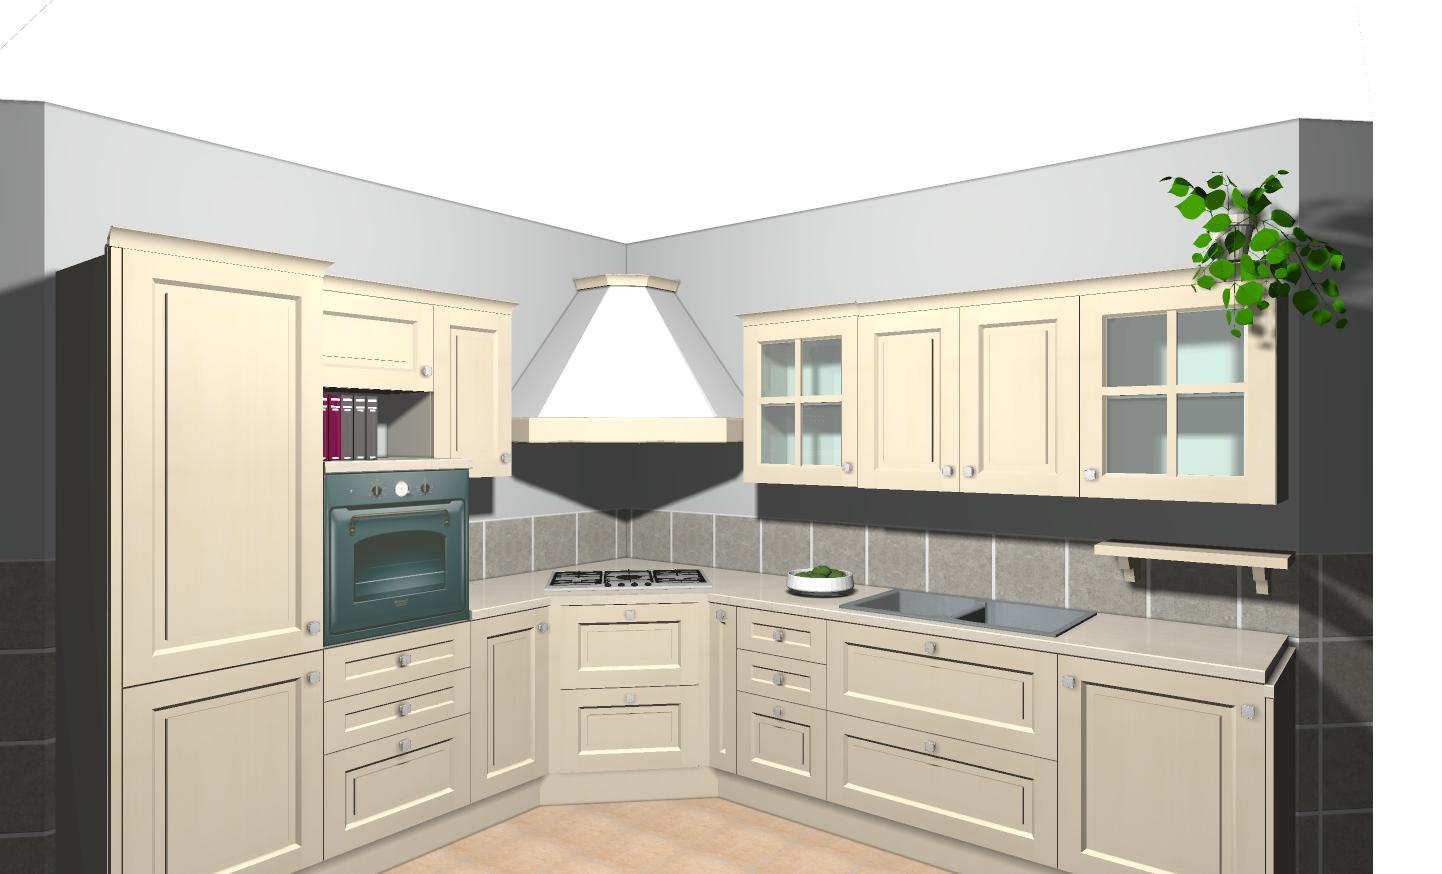 Veneta cucine milano lissone veneta cucine modello new memory - Cucina veneta milano ...